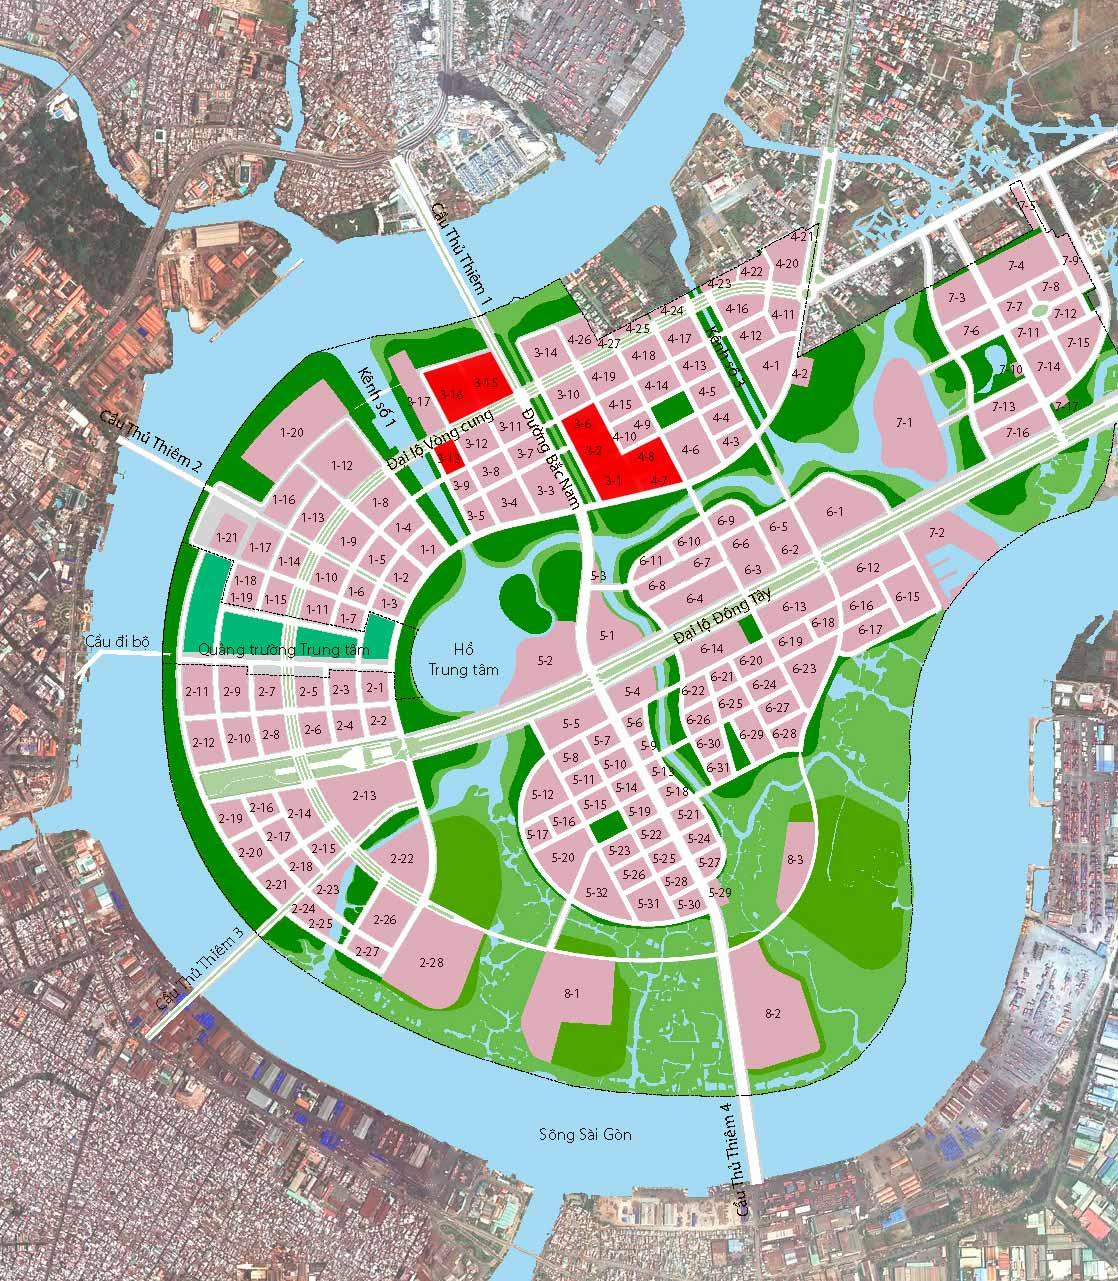 Dự án Thủ Thiêm CII tại Hồ Chí Minh